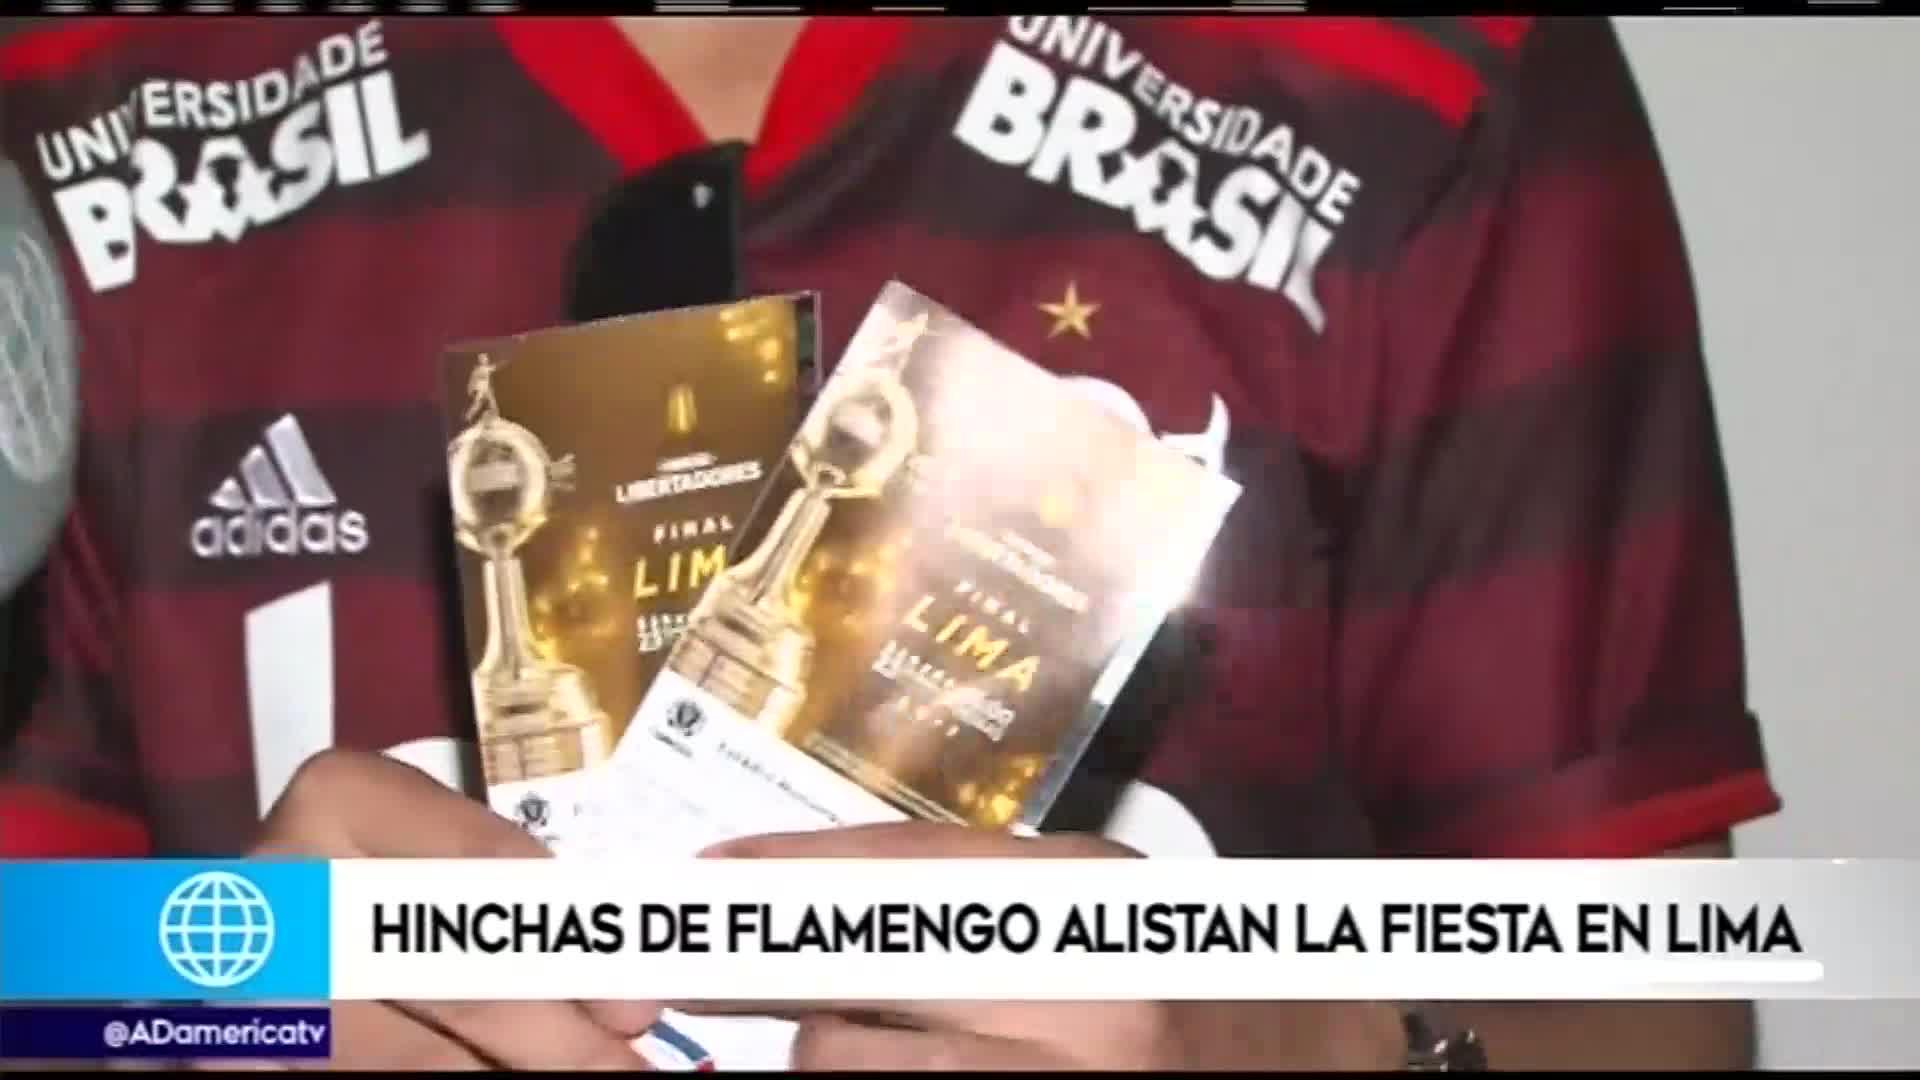 Hinchas de Flamengo llegan a Lima y preparan una fiesta para la final de la Copa Libertadores 2019